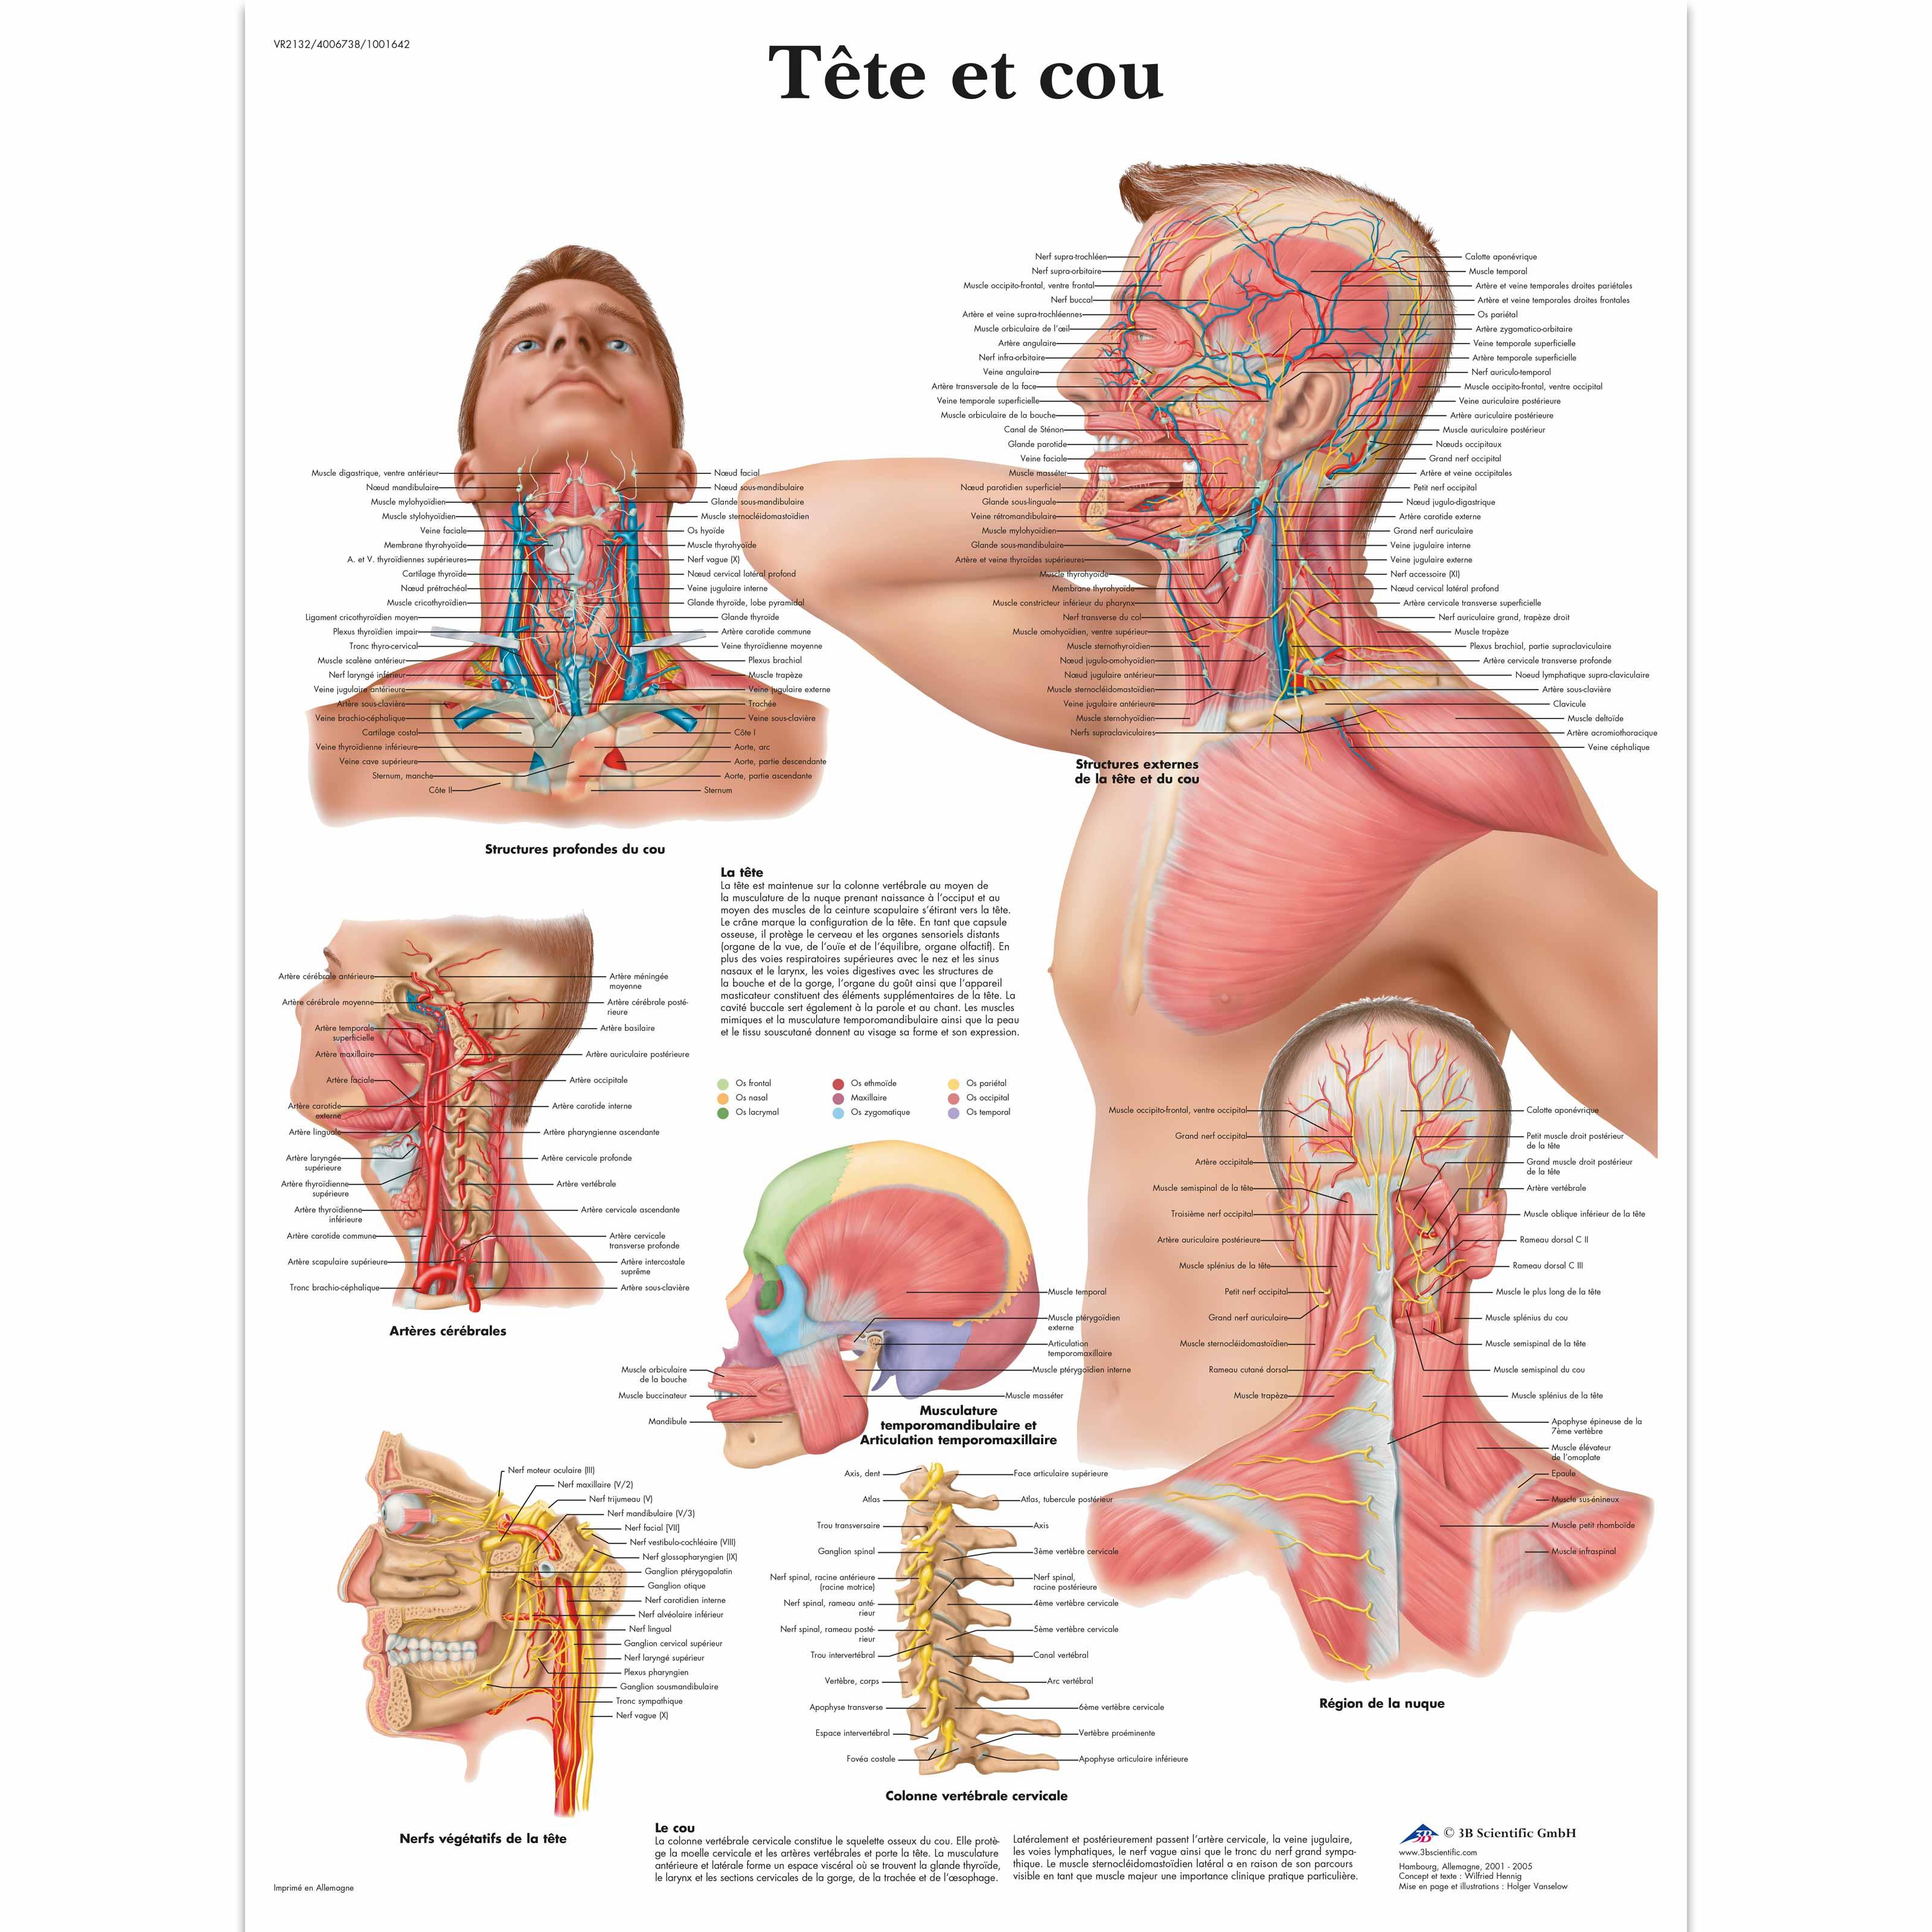 Tête et cou - 1001642 - VR2132L - Muscle - 3B Scientific